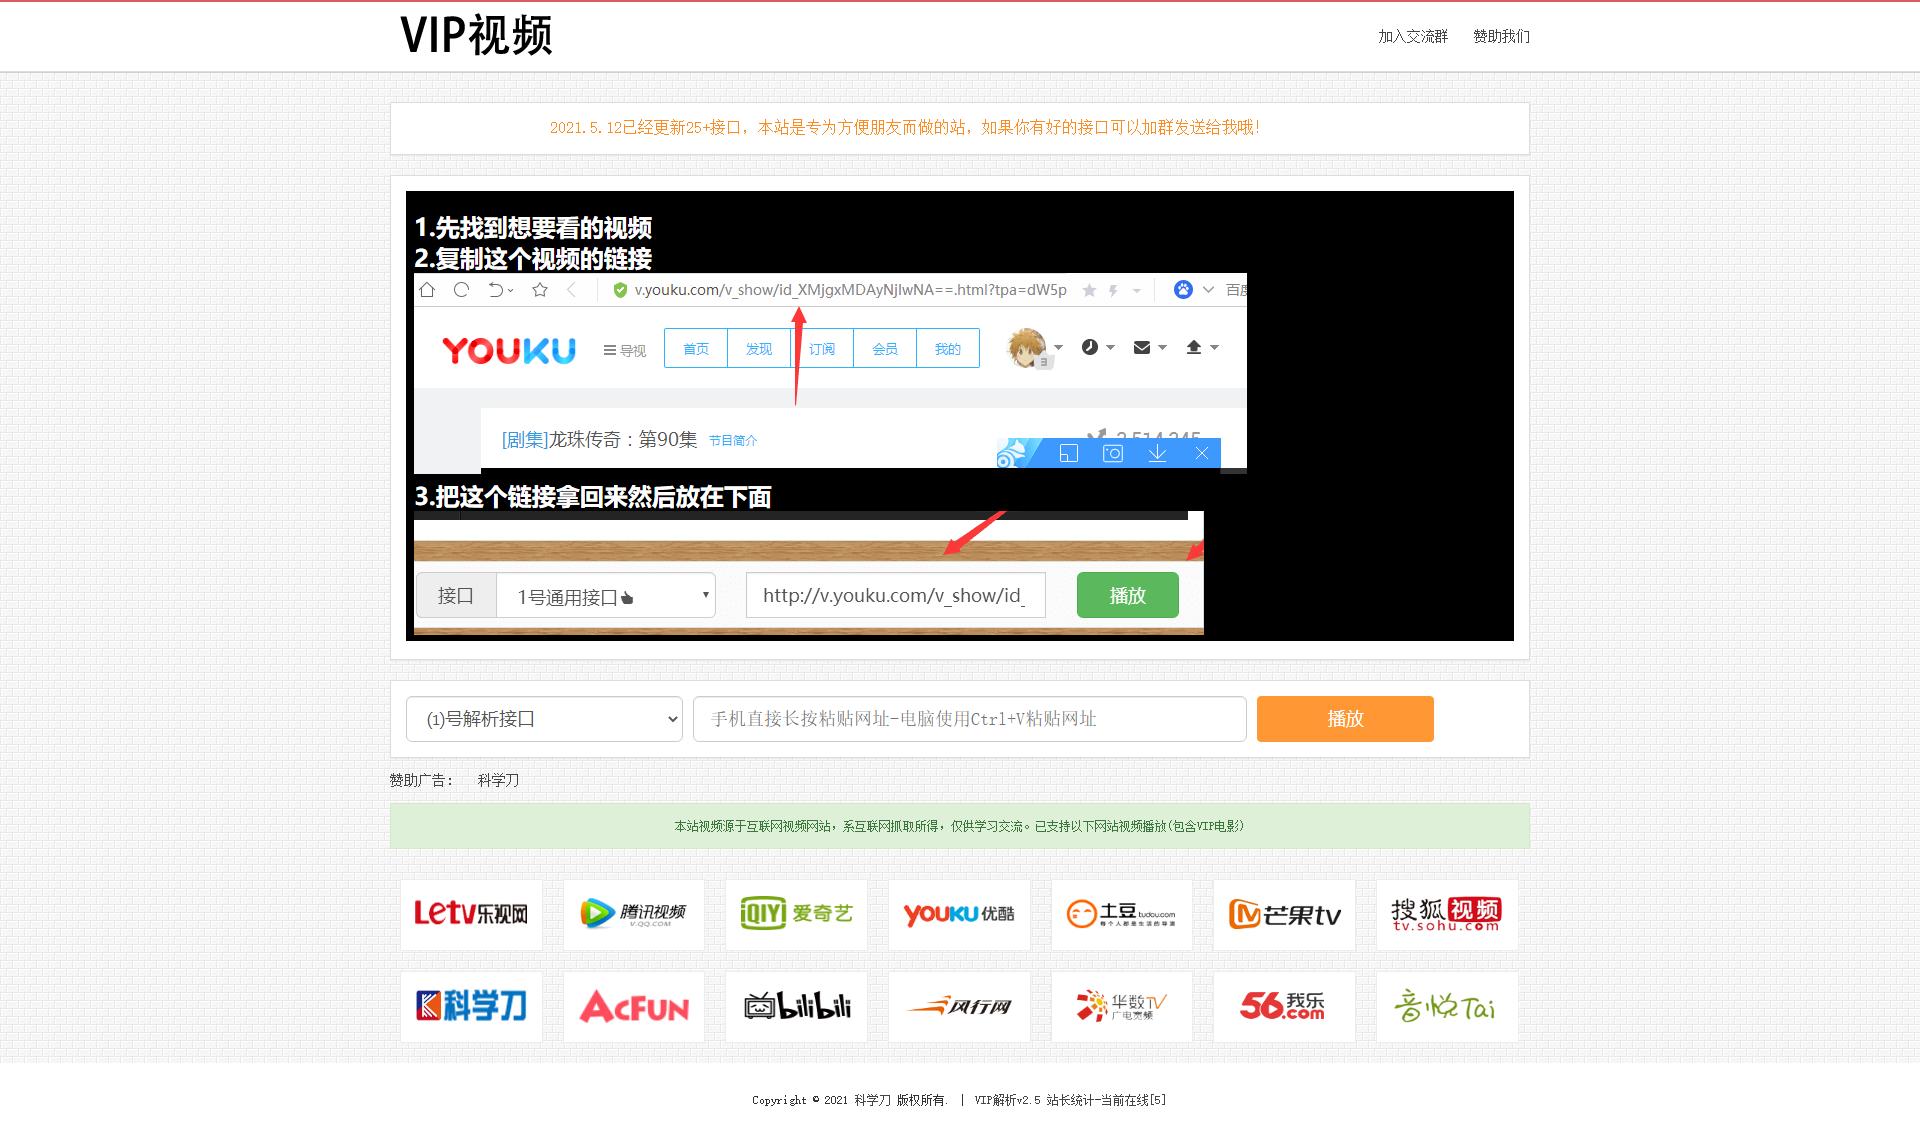 先发各大网站VIP影视解析网站源代码 单独后台管理 不用数据库查询插图